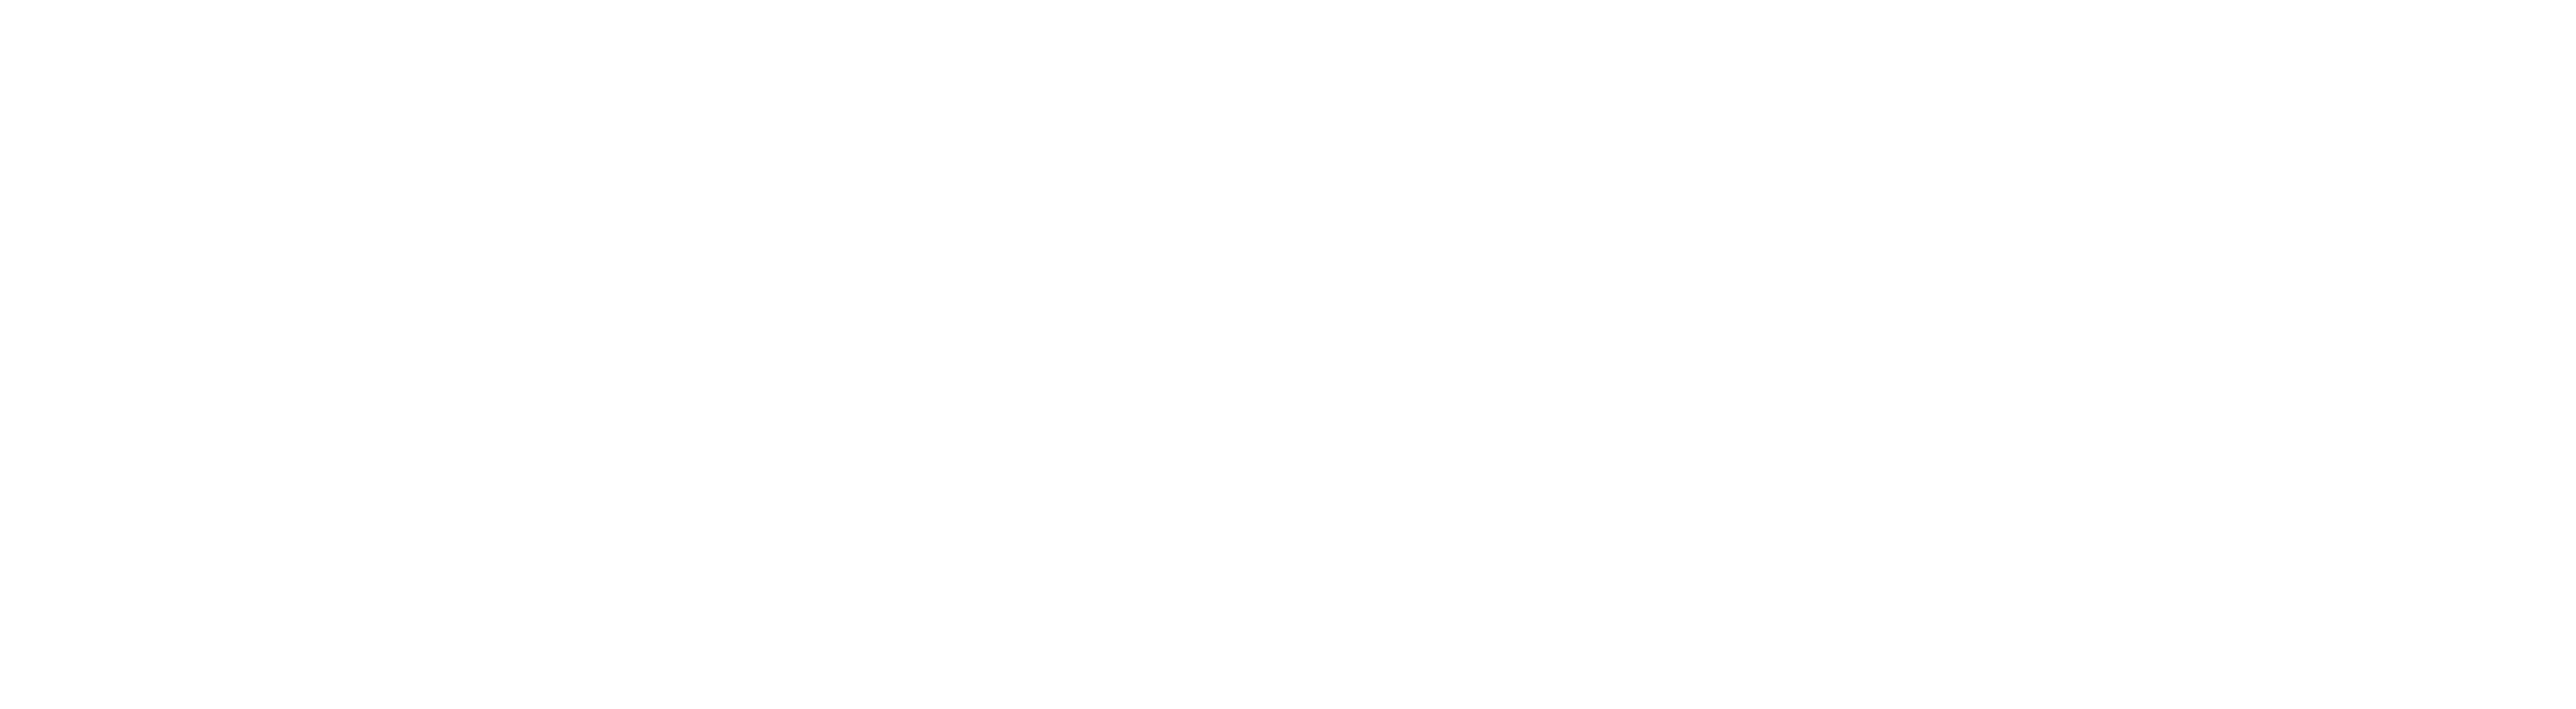 shairart